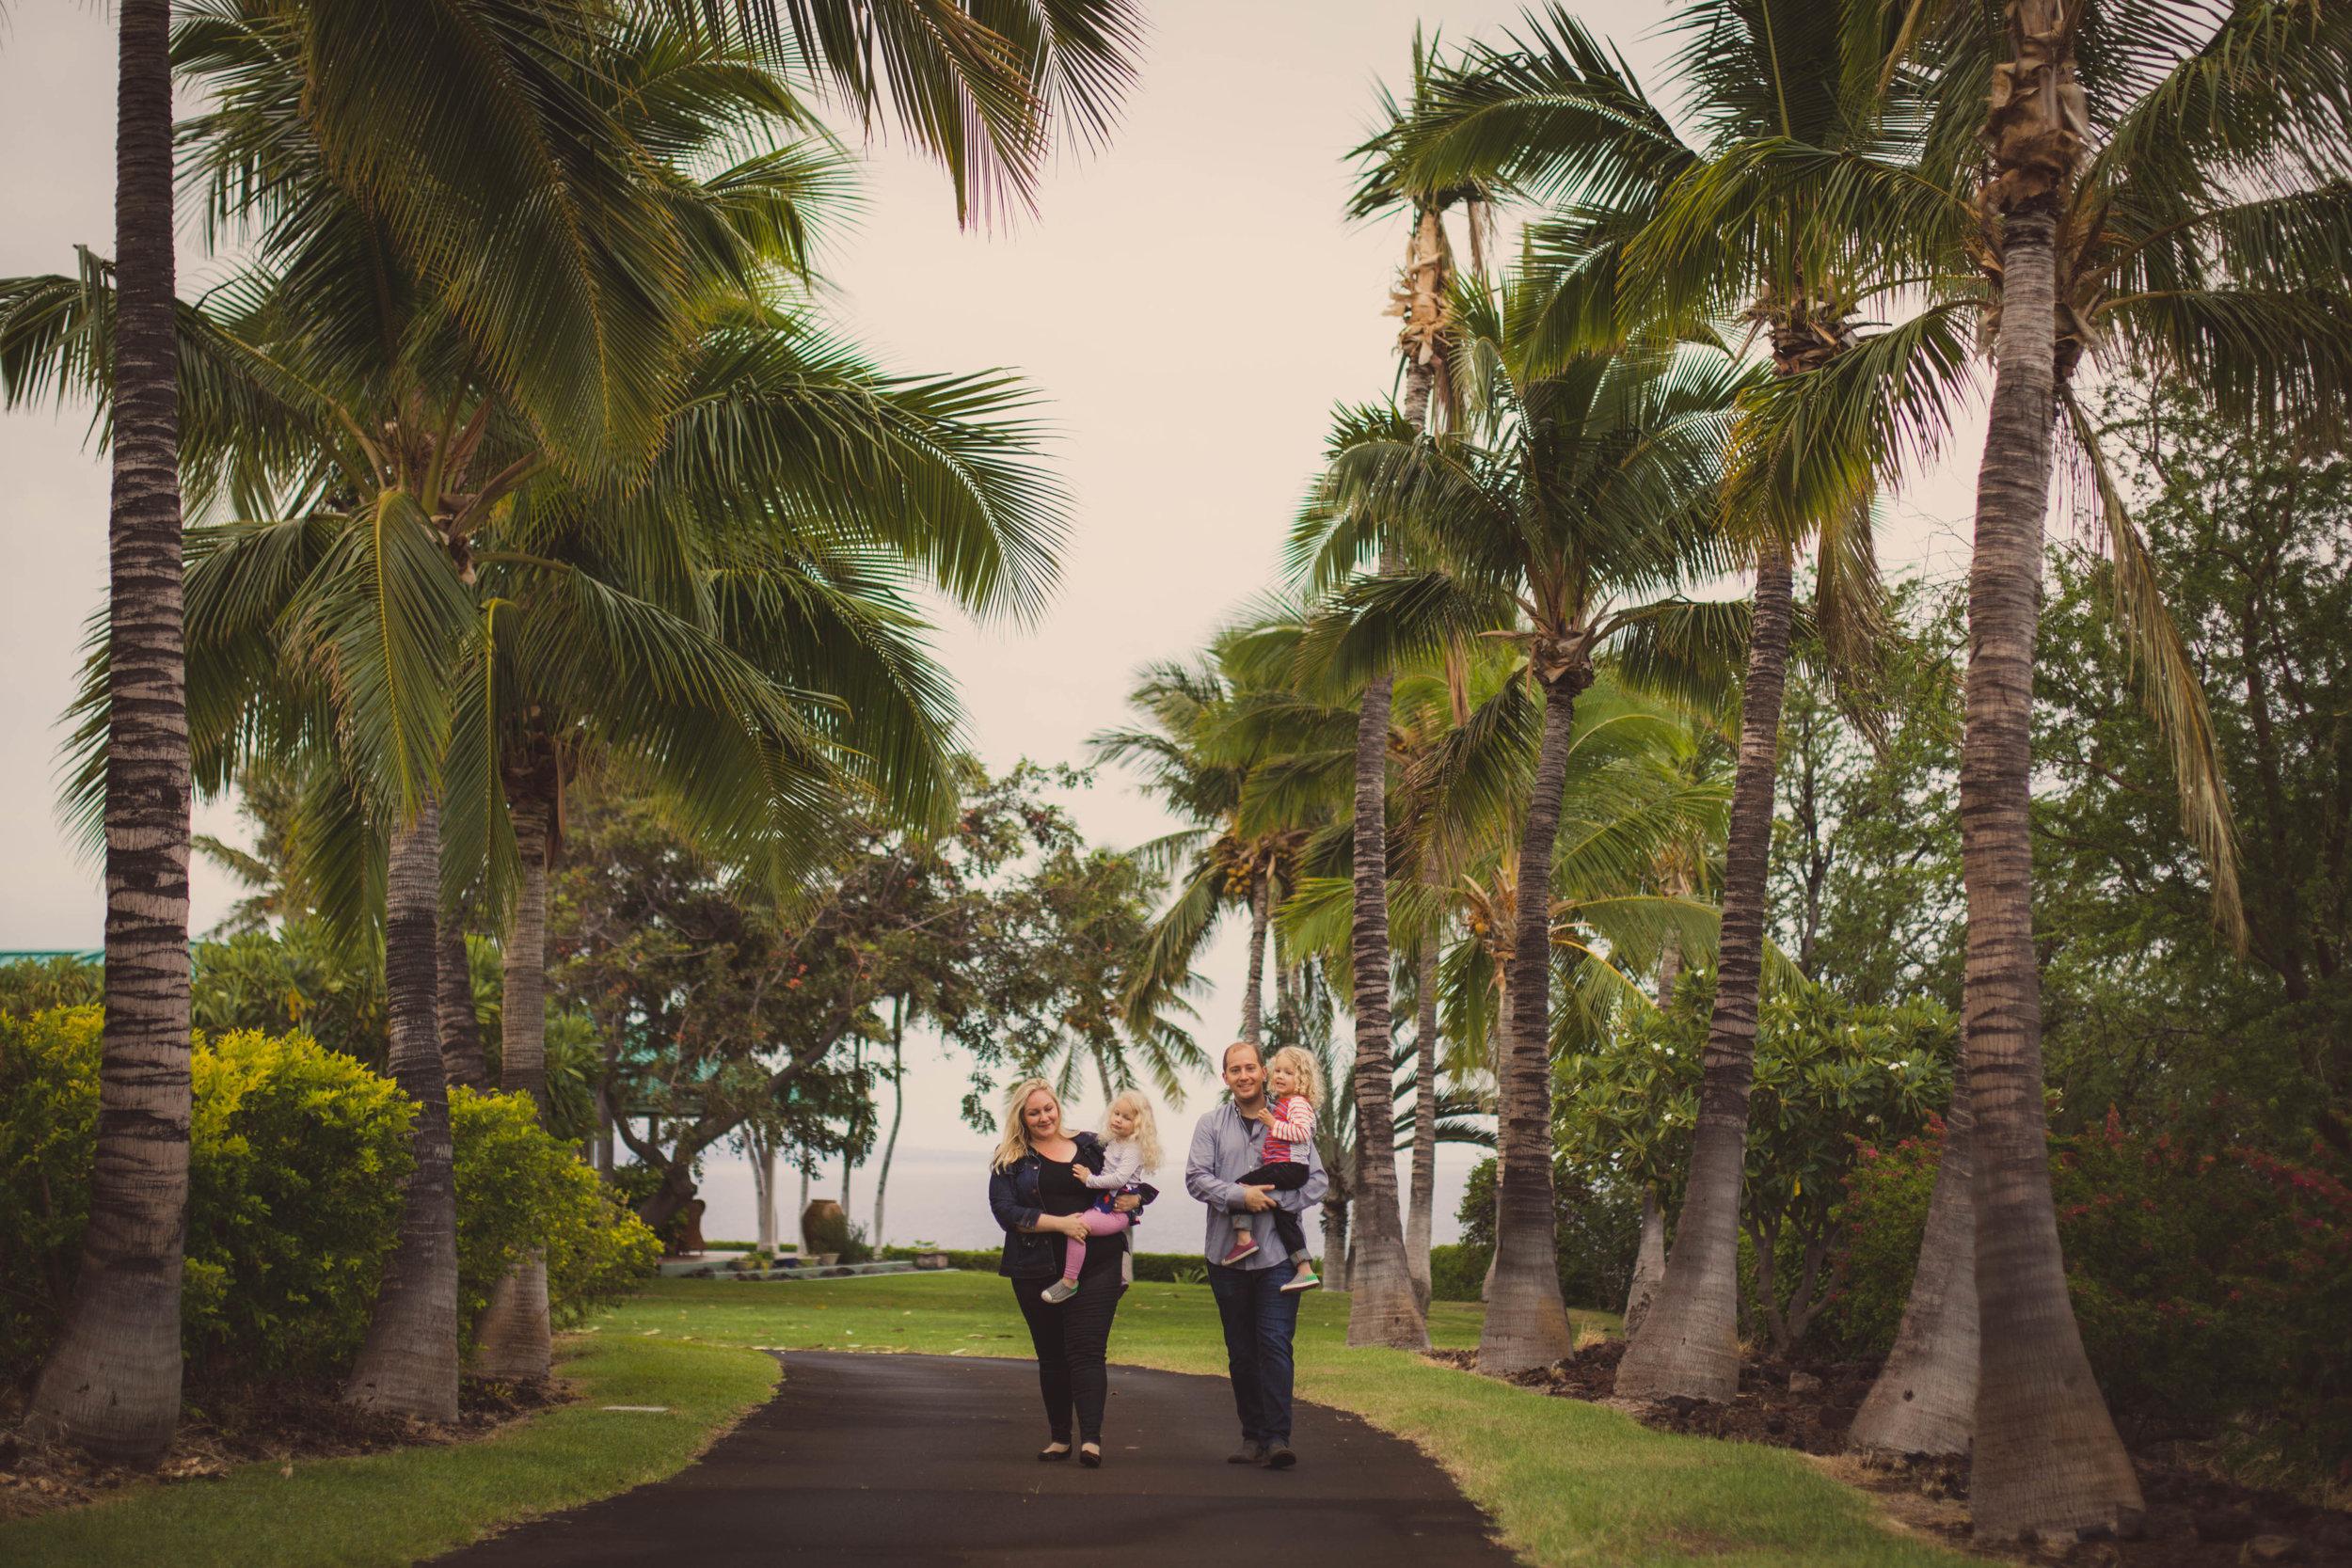 big island hawaii kohala ranch family © kelilina photography 20171127080622-1.jpg